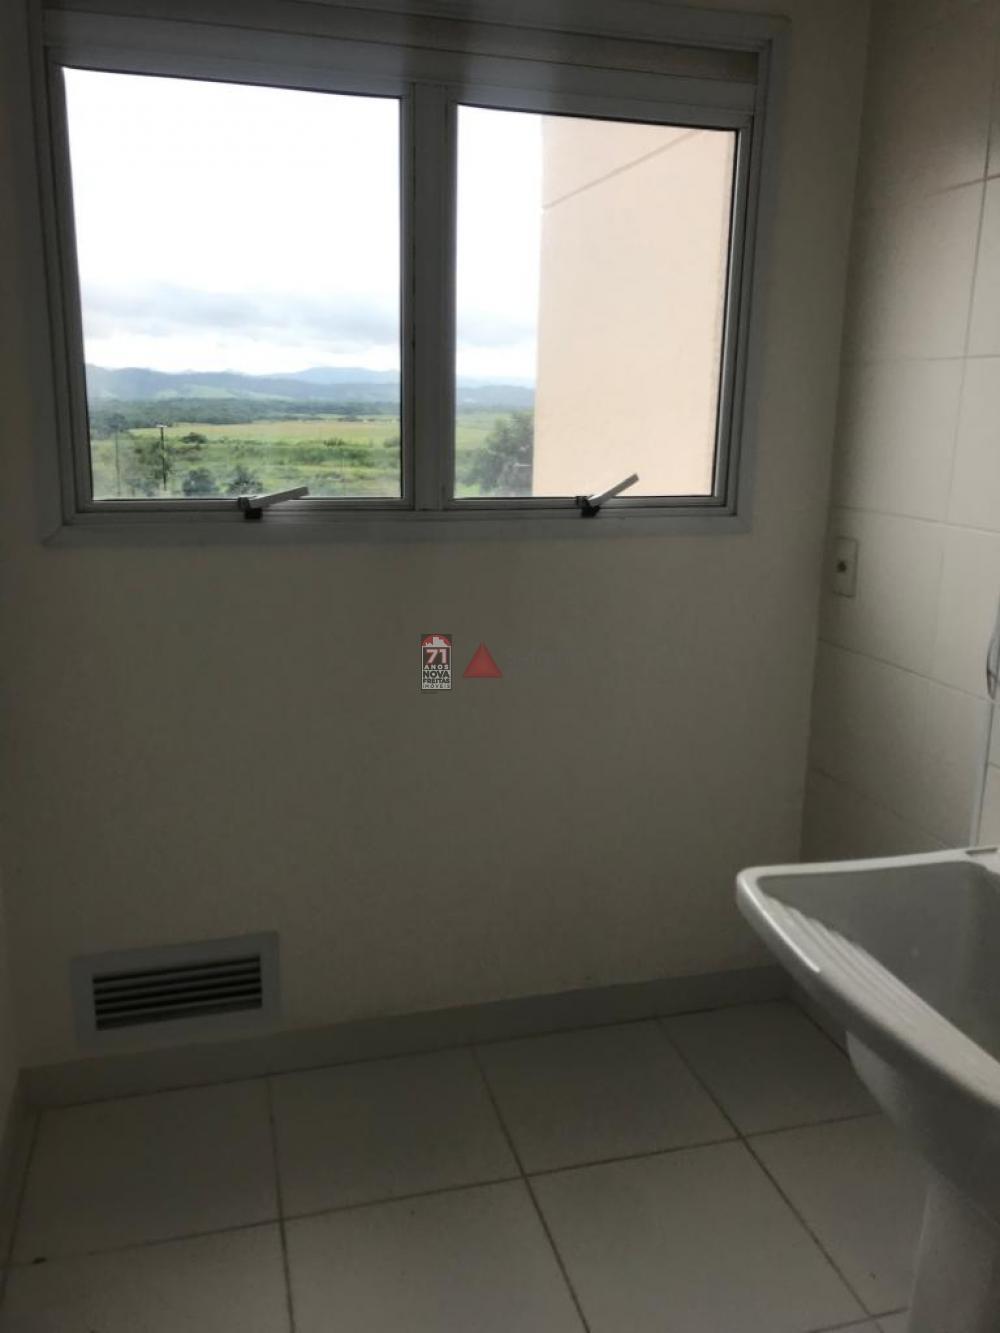 Comprar Apartamento / Padrão em São José dos Campos apenas R$ 315.000,00 - Foto 7